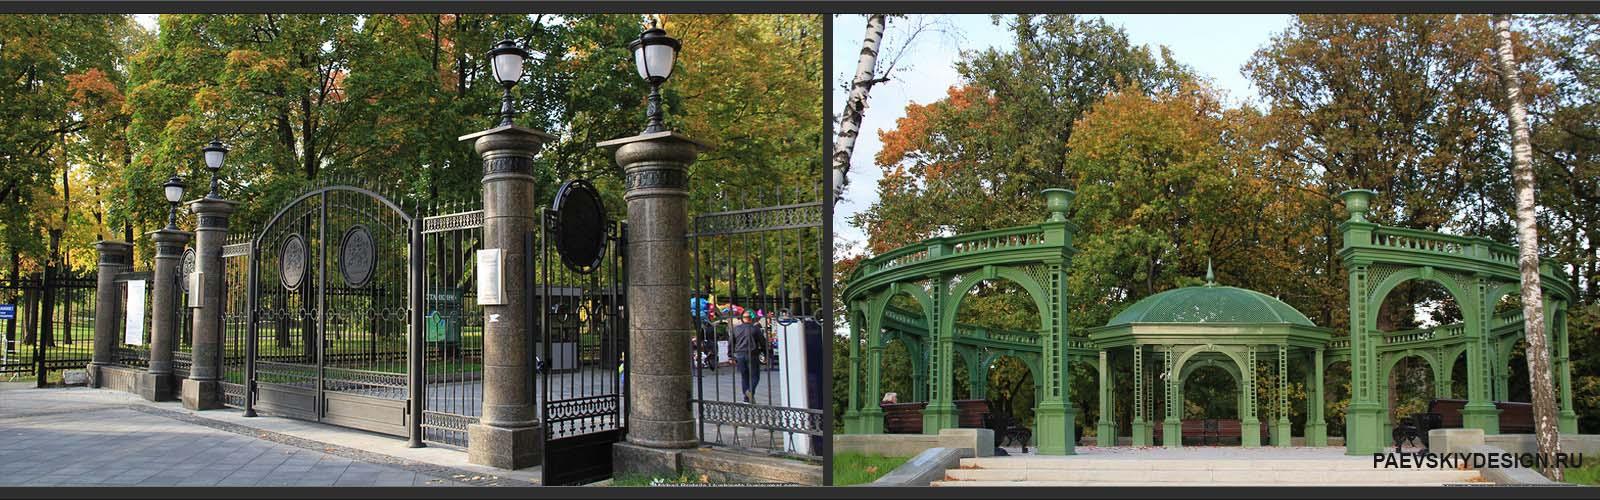 парк Останкино фото